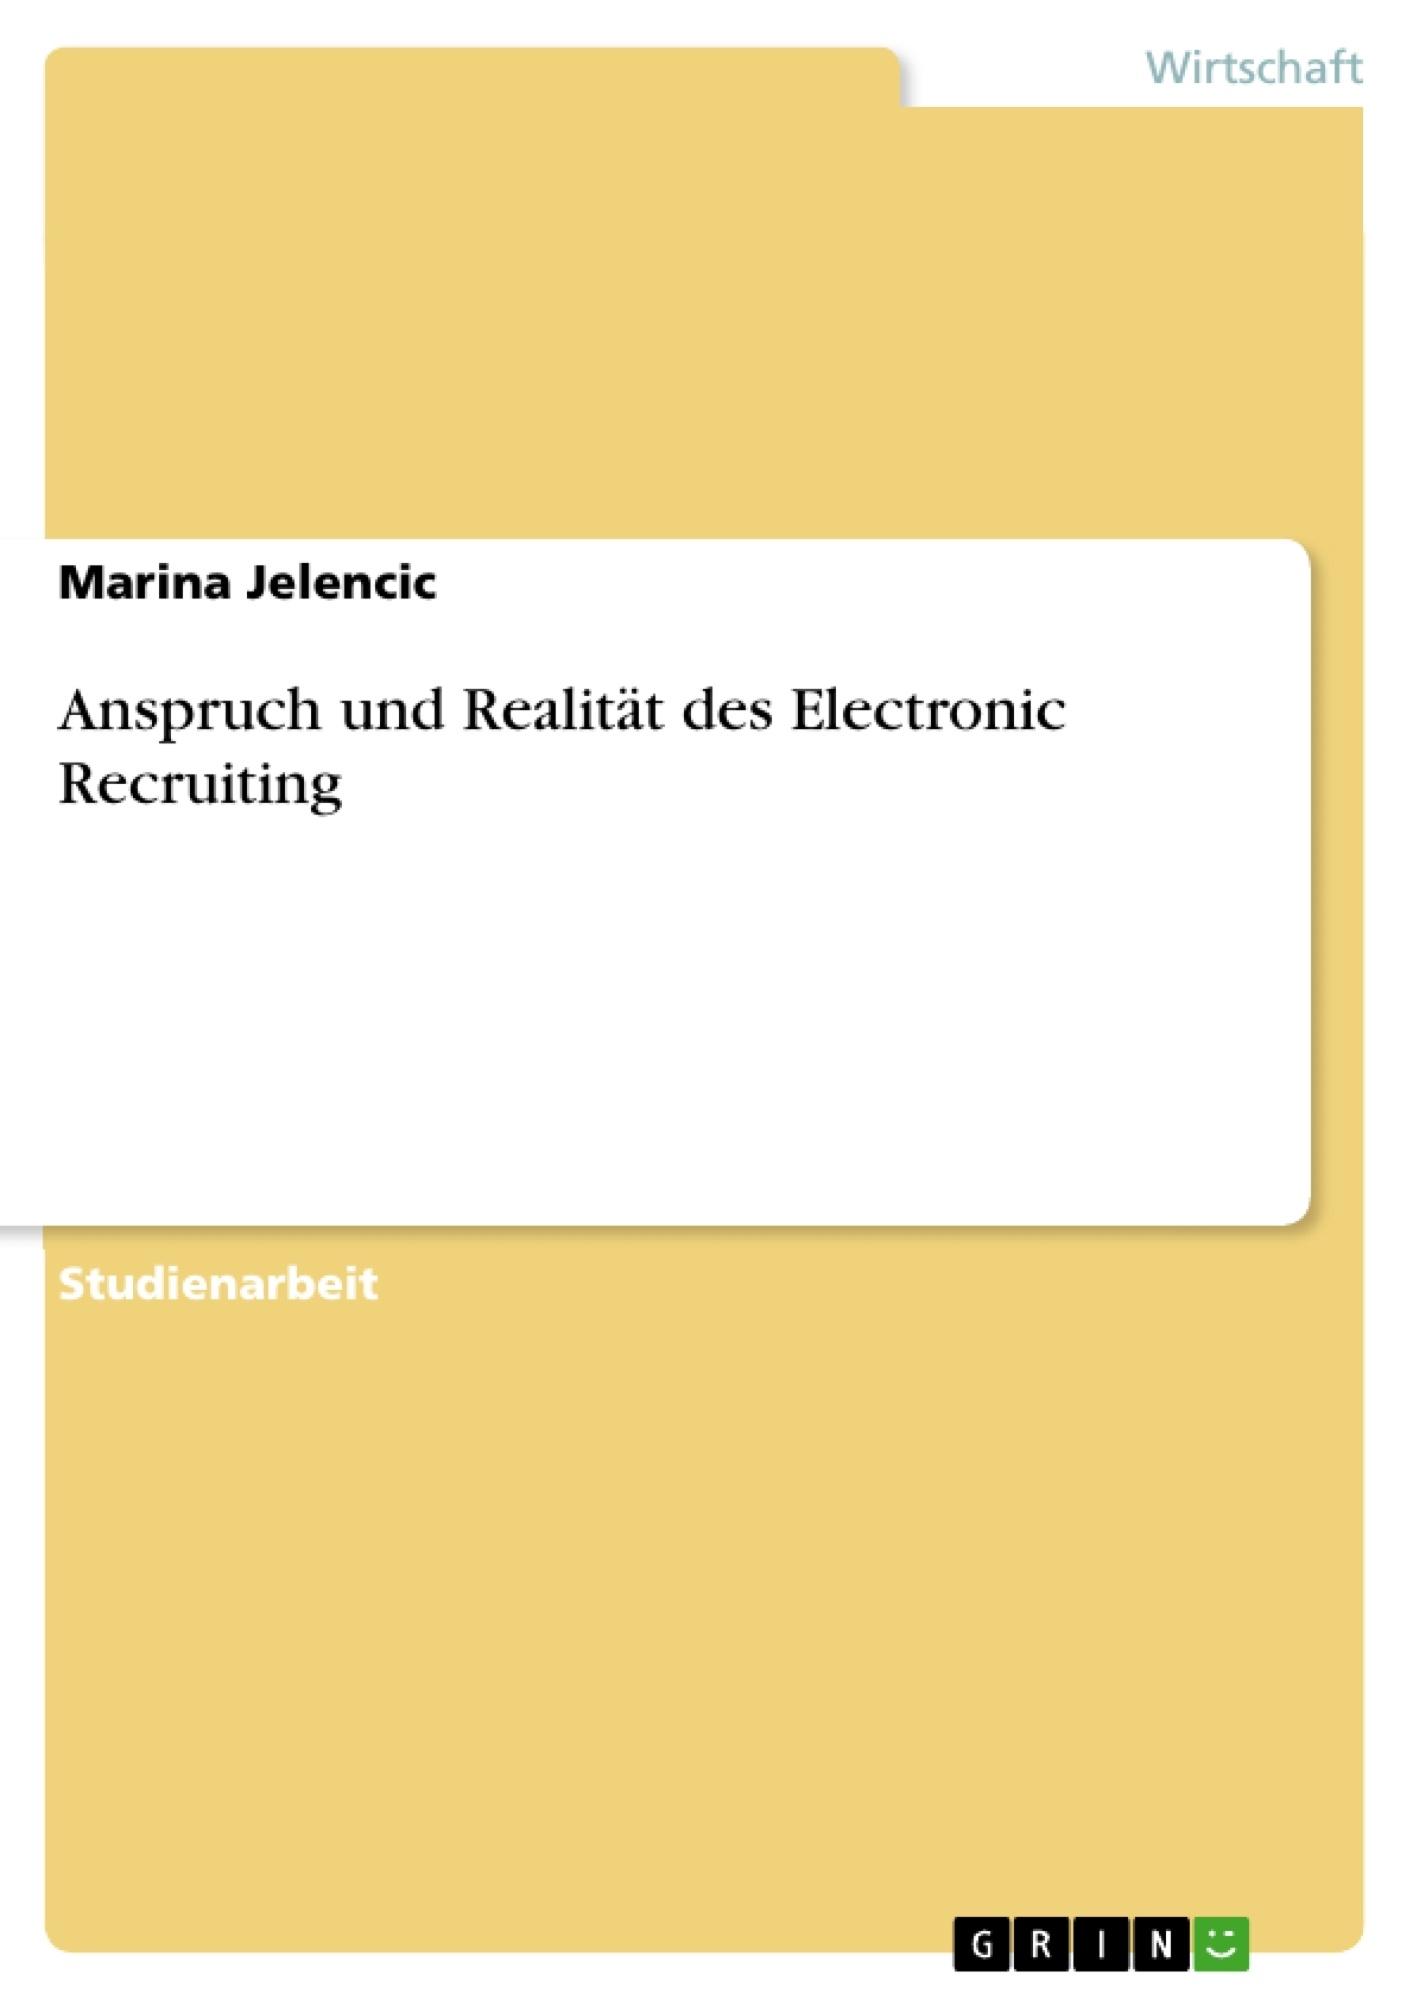 Titel: Anspruch und Realität des Electronic Recruiting